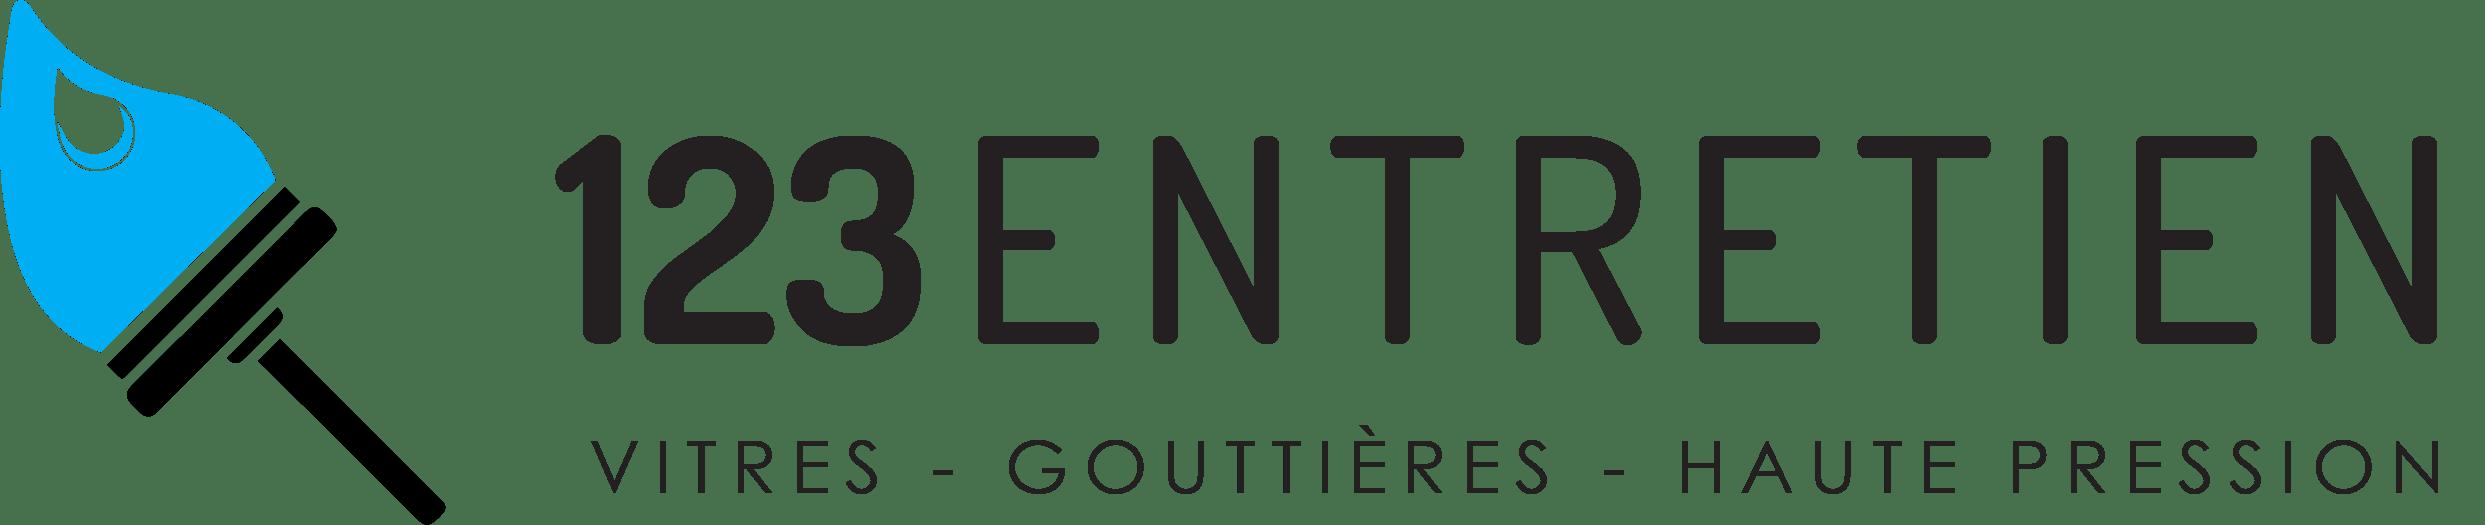 Vitres & Gouttières – 123Entretien